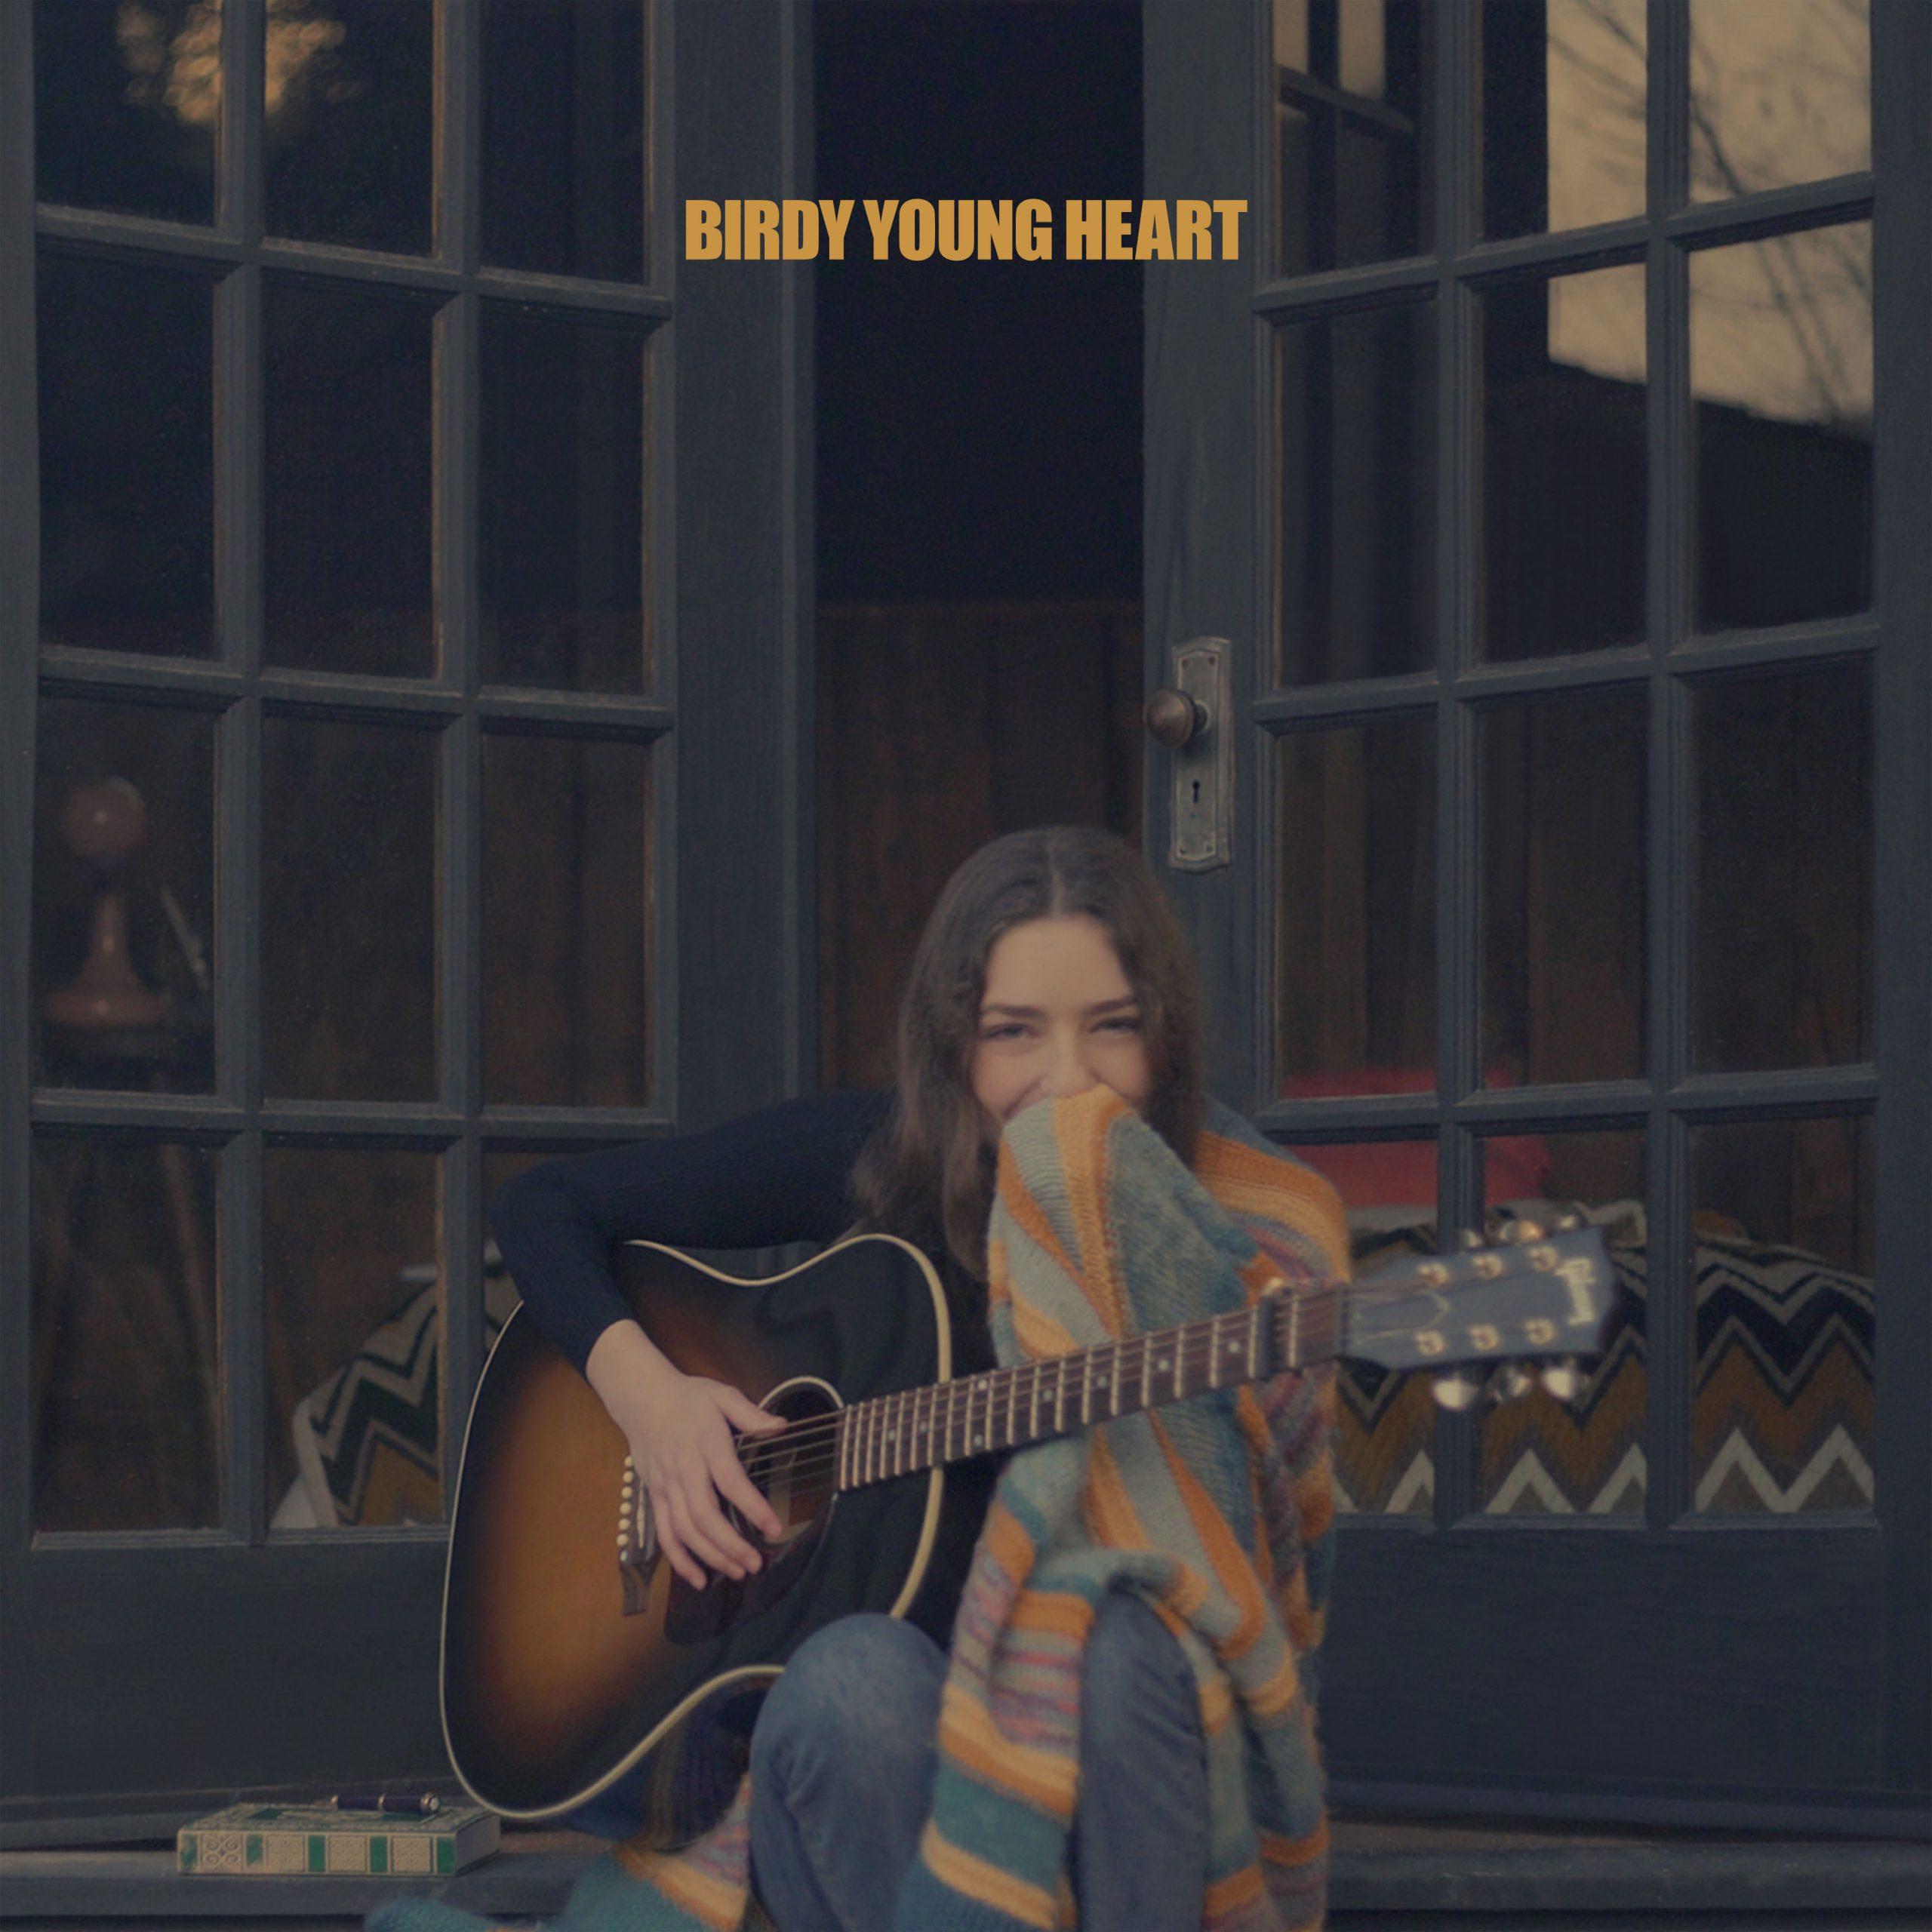 Capa do CD Young Heart, de Birdy. Nela vemos a cantora, uma jovem branca de cabelos castanhos, sentada na frente de uma porta de vidro entreaberta. Ela segura um violão e um tecido.